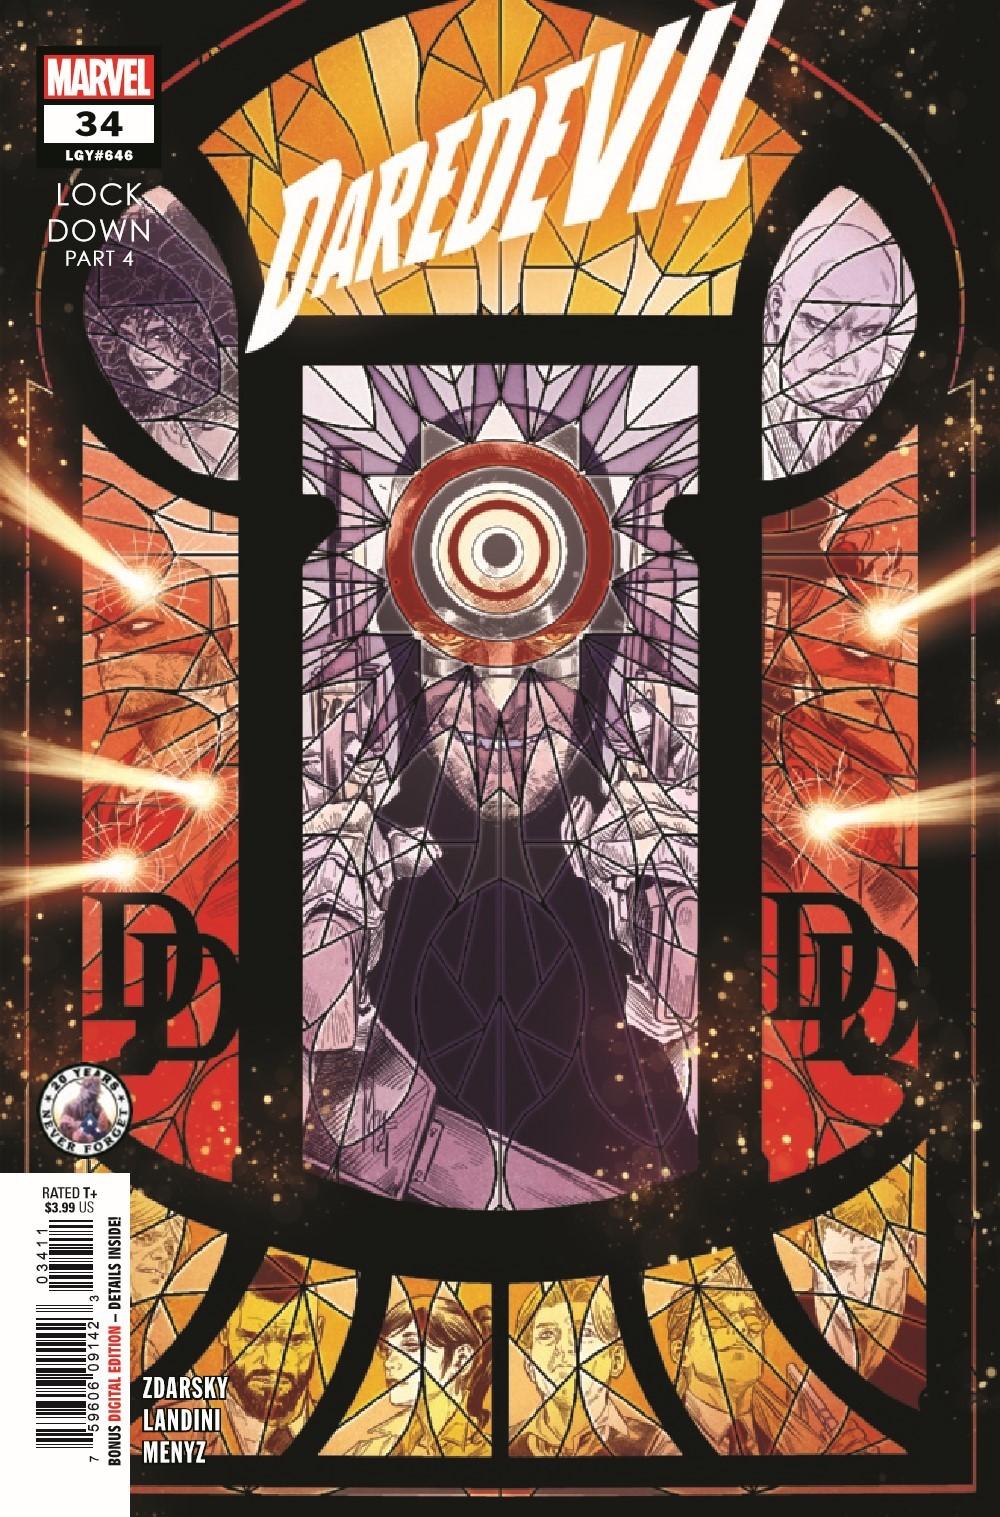 DD2019034_Preview-1 ComicList Previews: DAREDEVIL #34